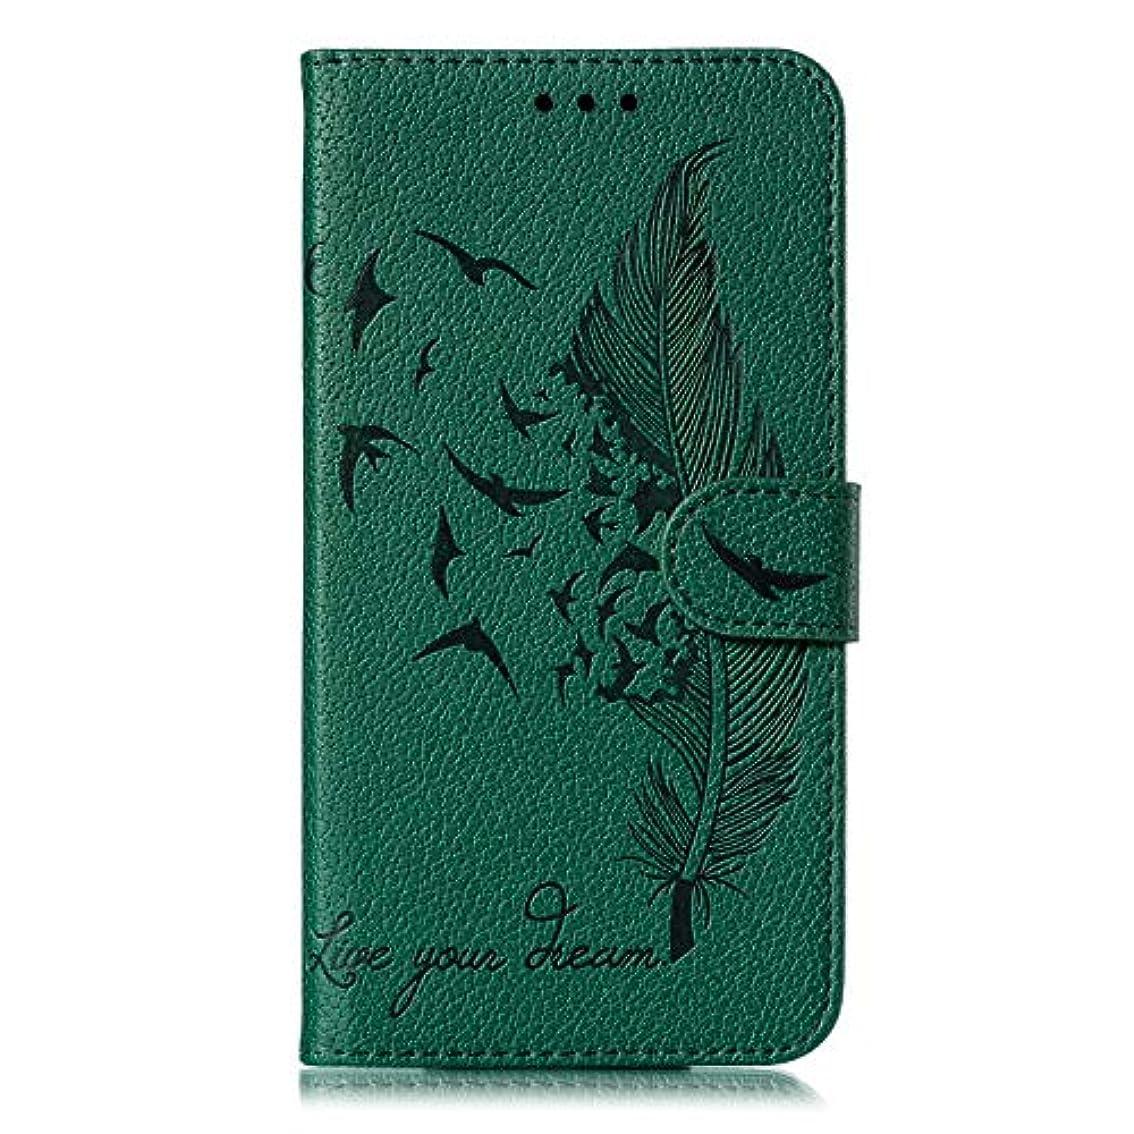 サンダース植物学者モンスターGalaxy A10 / M10 ケース, OMATENTI PUレザー手帳型 ケース, 薄型 財布押し花 フェザー柄 スマホケース, マグネット開閉式 スタンド機能 カード収納 付き人気 新品, 緑